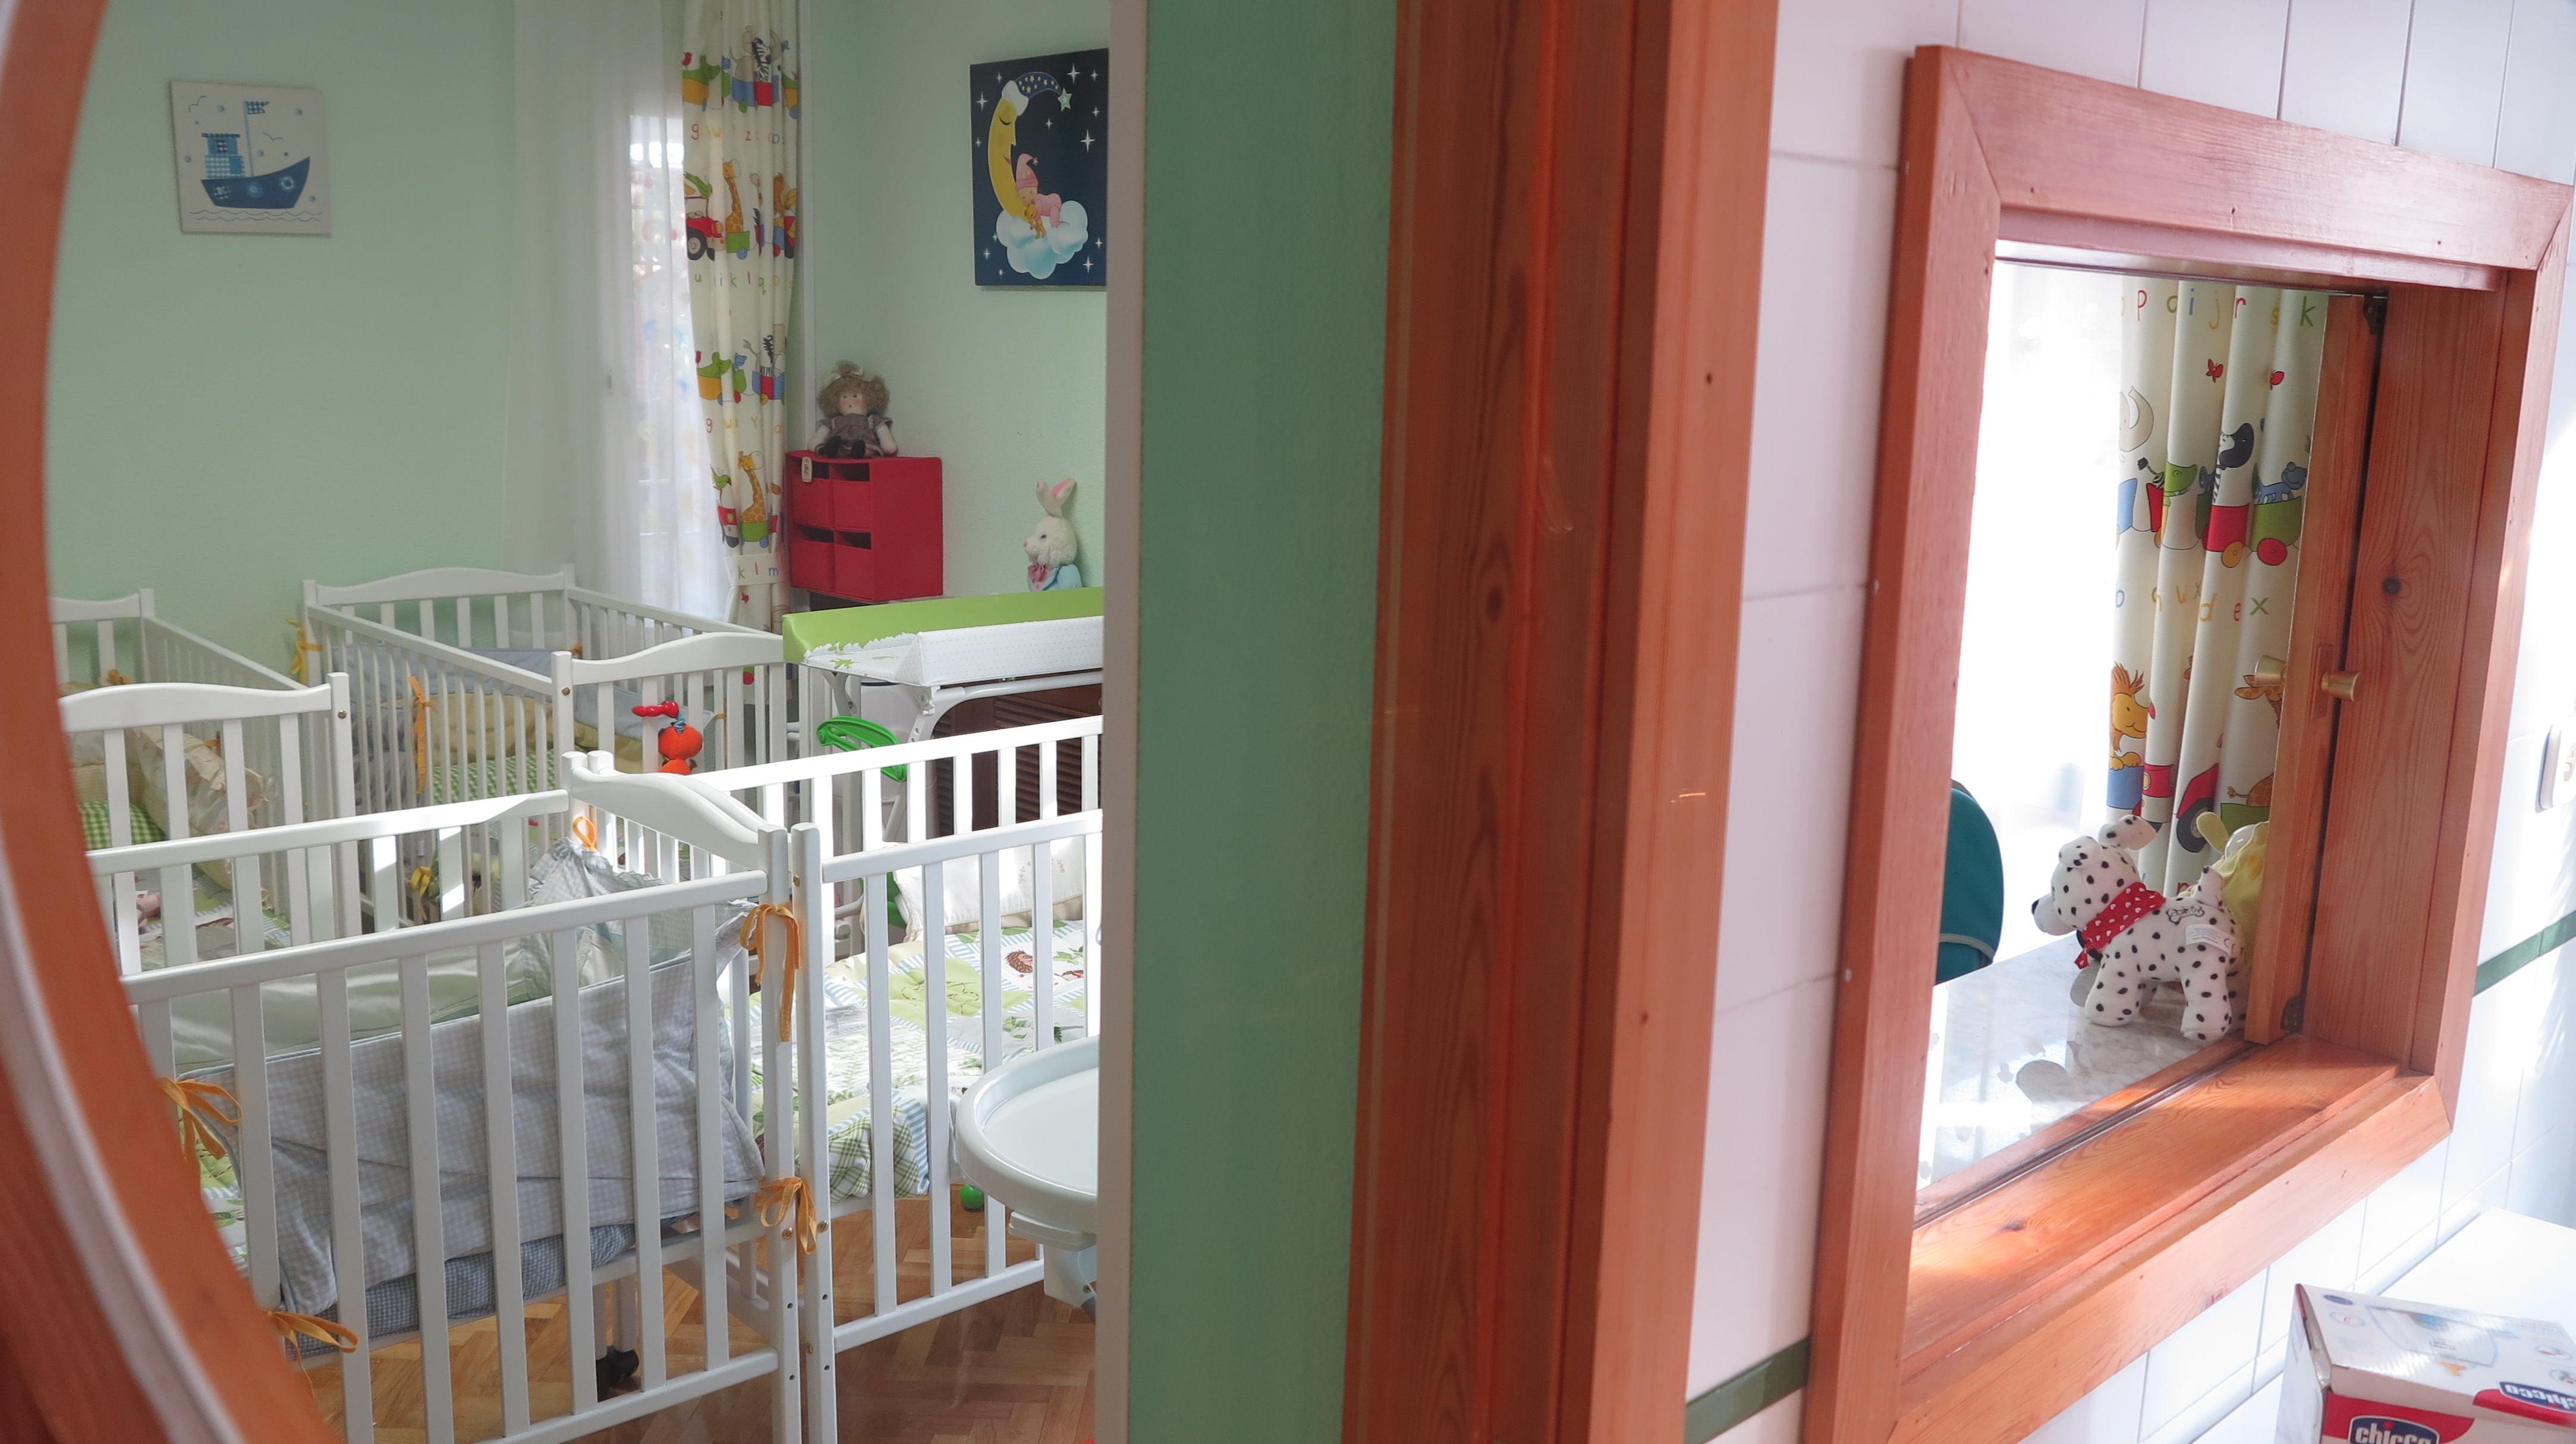 Foto 28 de Guarderías y Escuelas infantiles en Madrid | Centro Vida